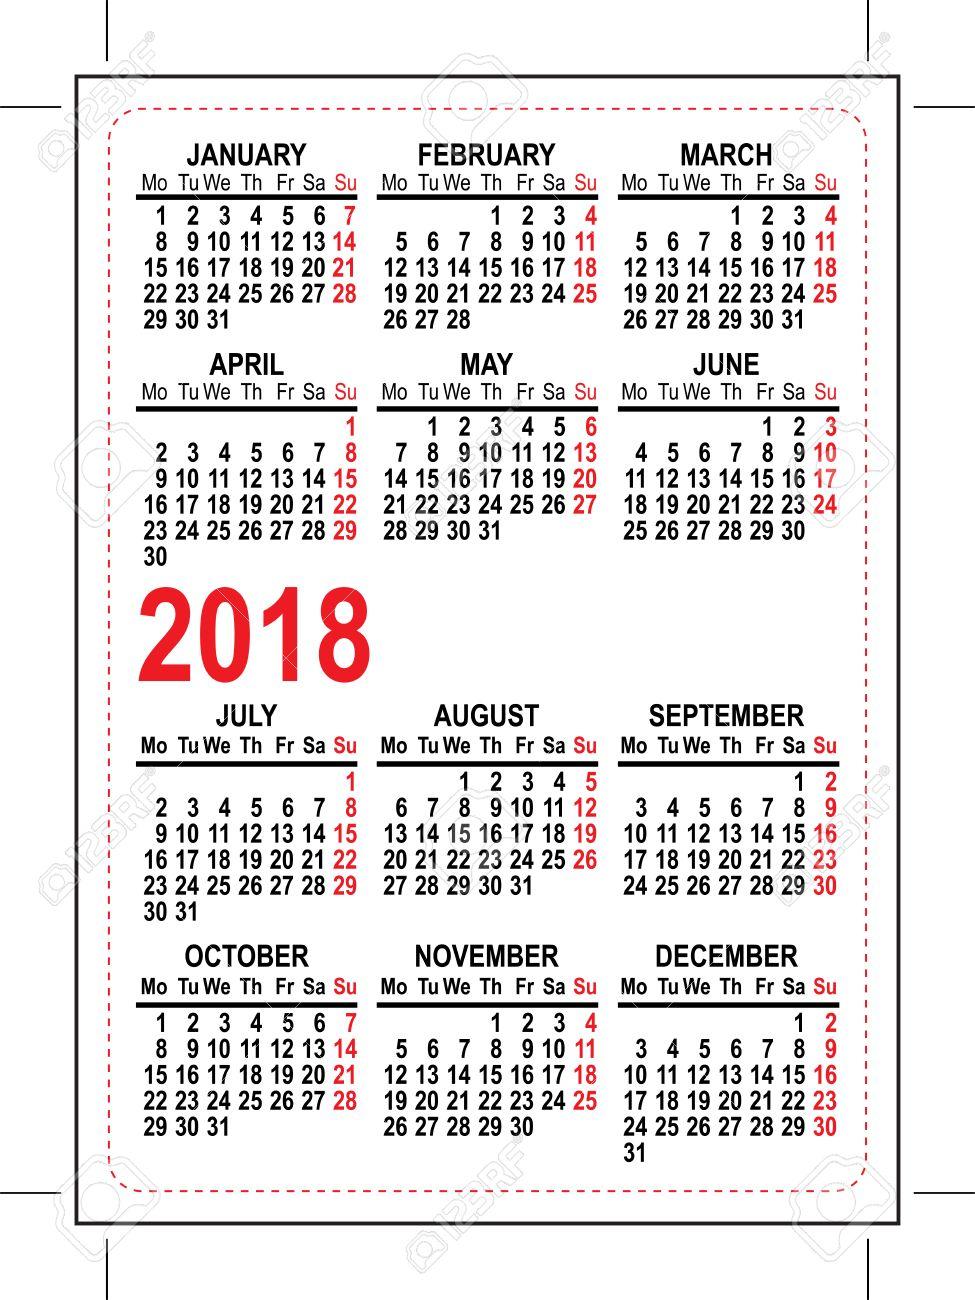 formato de calendario